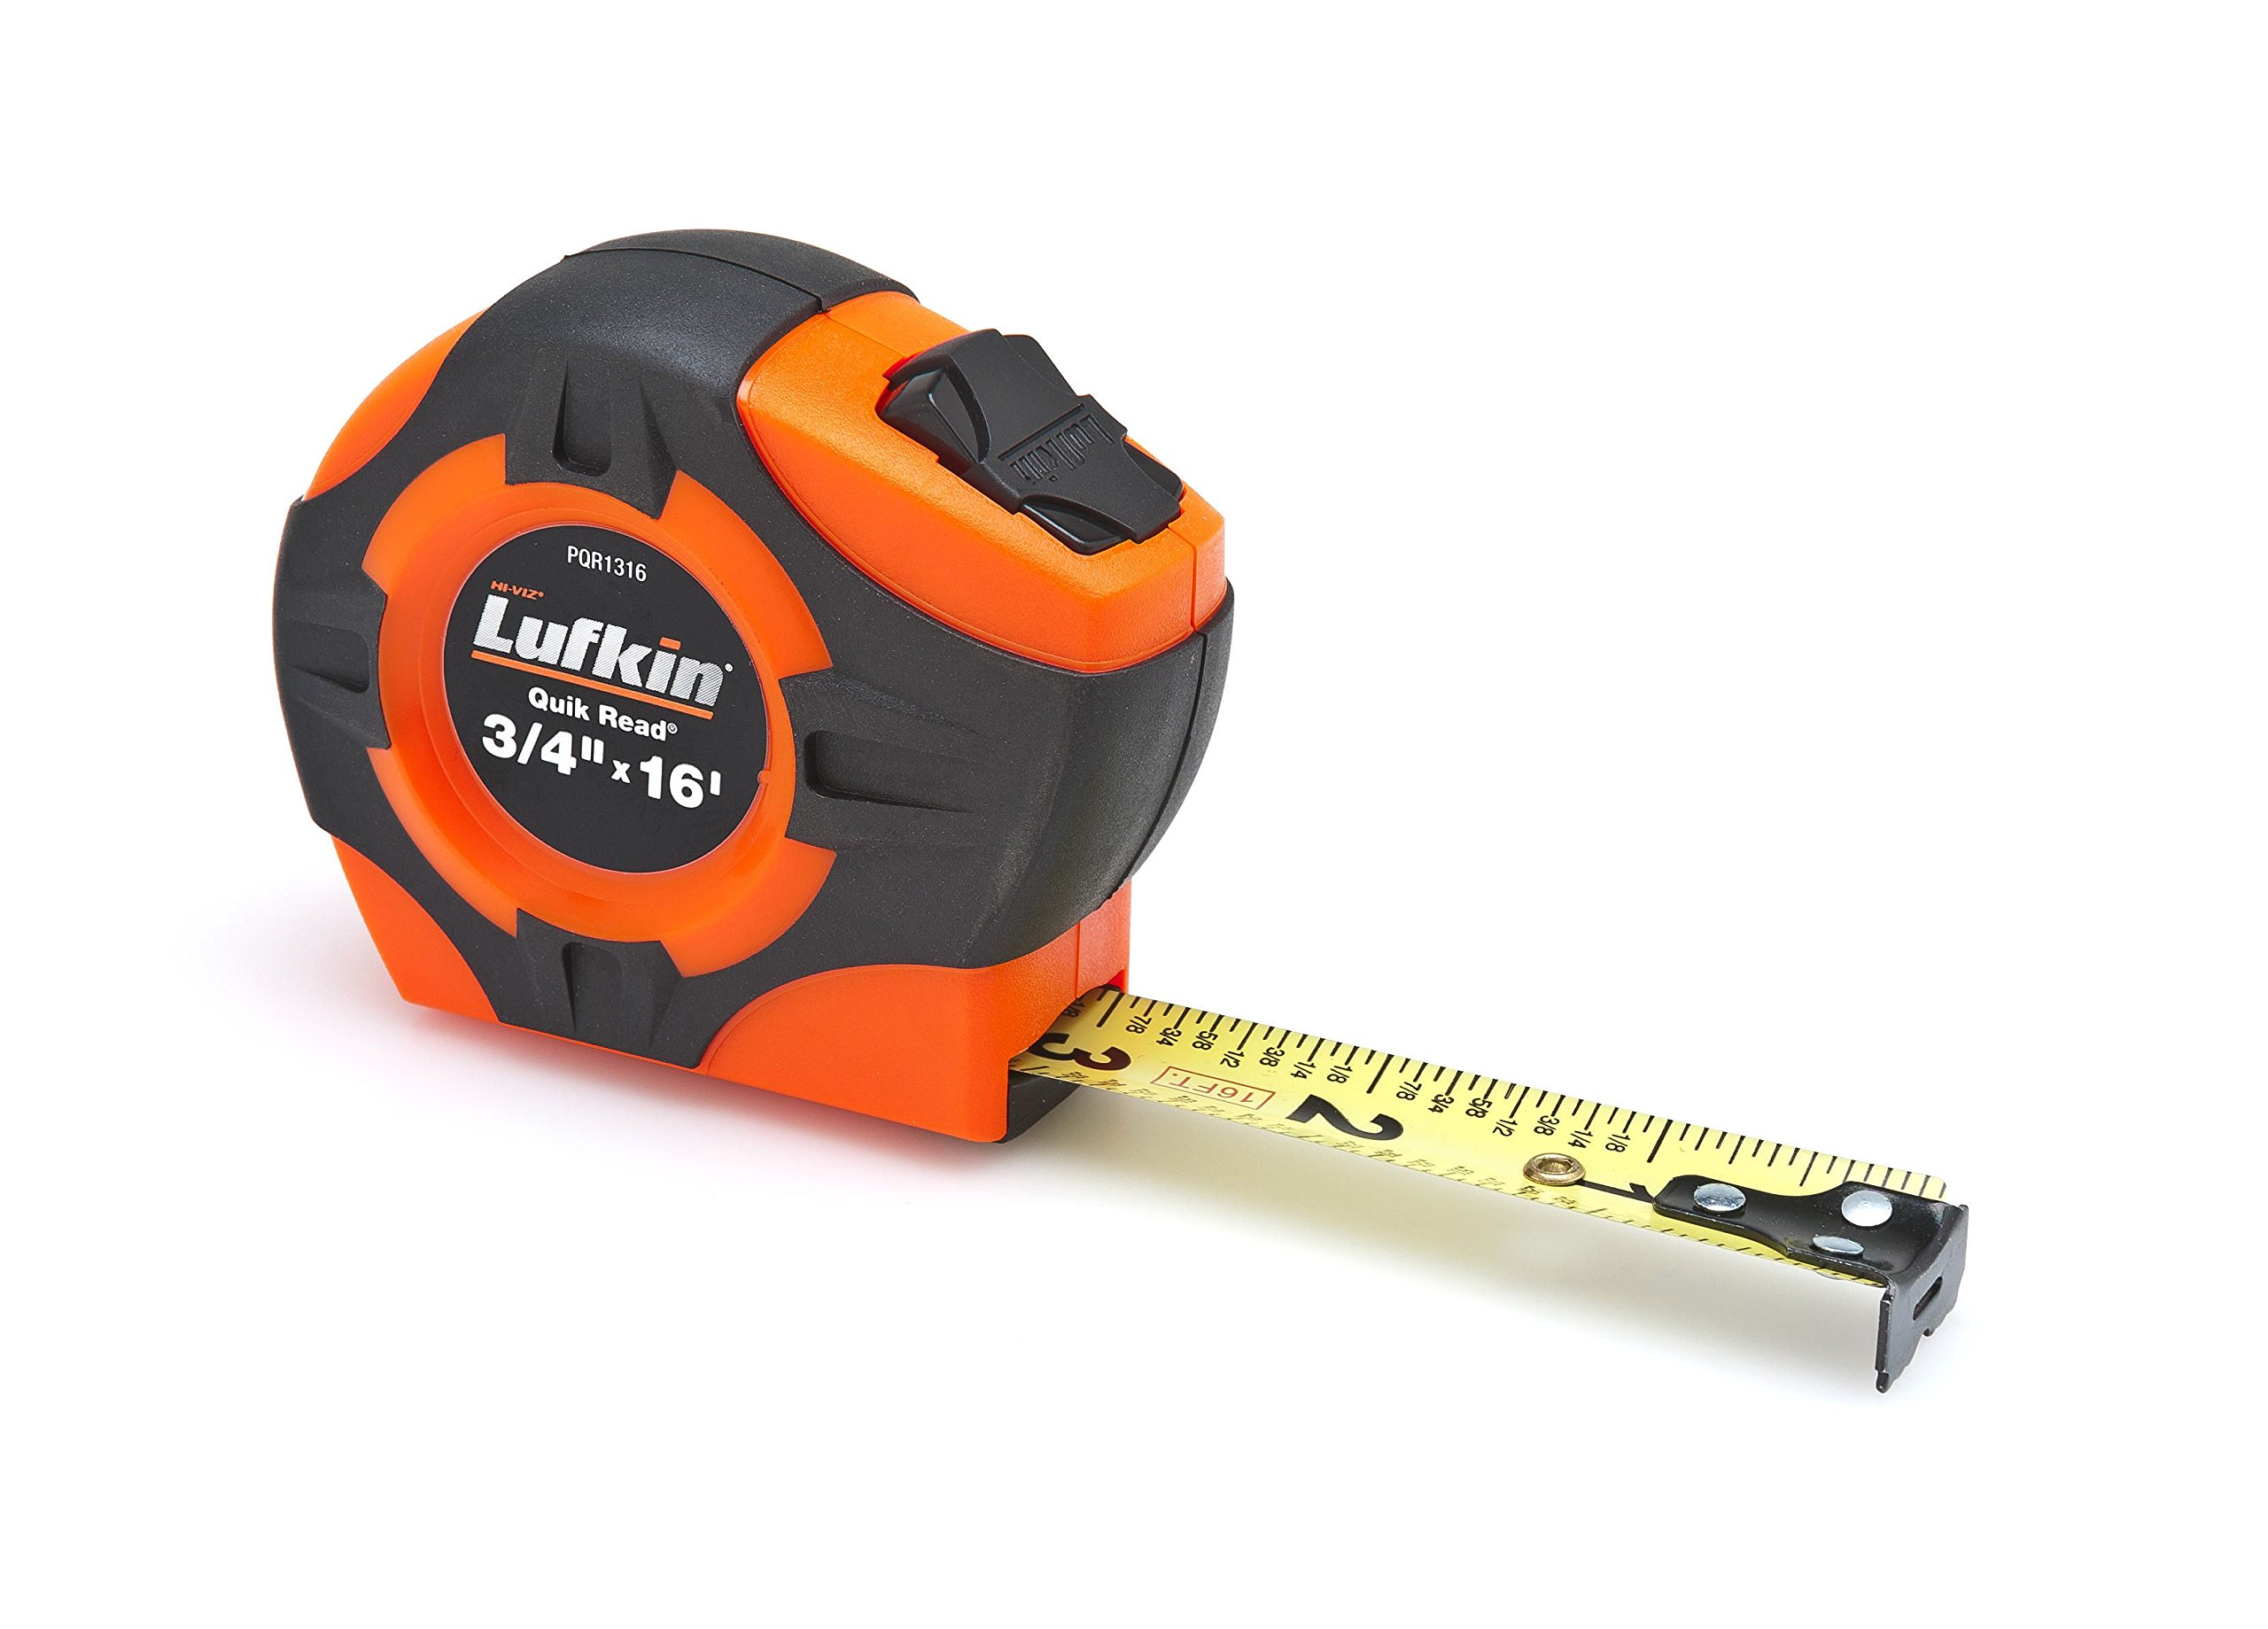 Lufkin PQR1316N Quickread Power Return Tape, 3/4'' x 16', Hi-Viz Orange